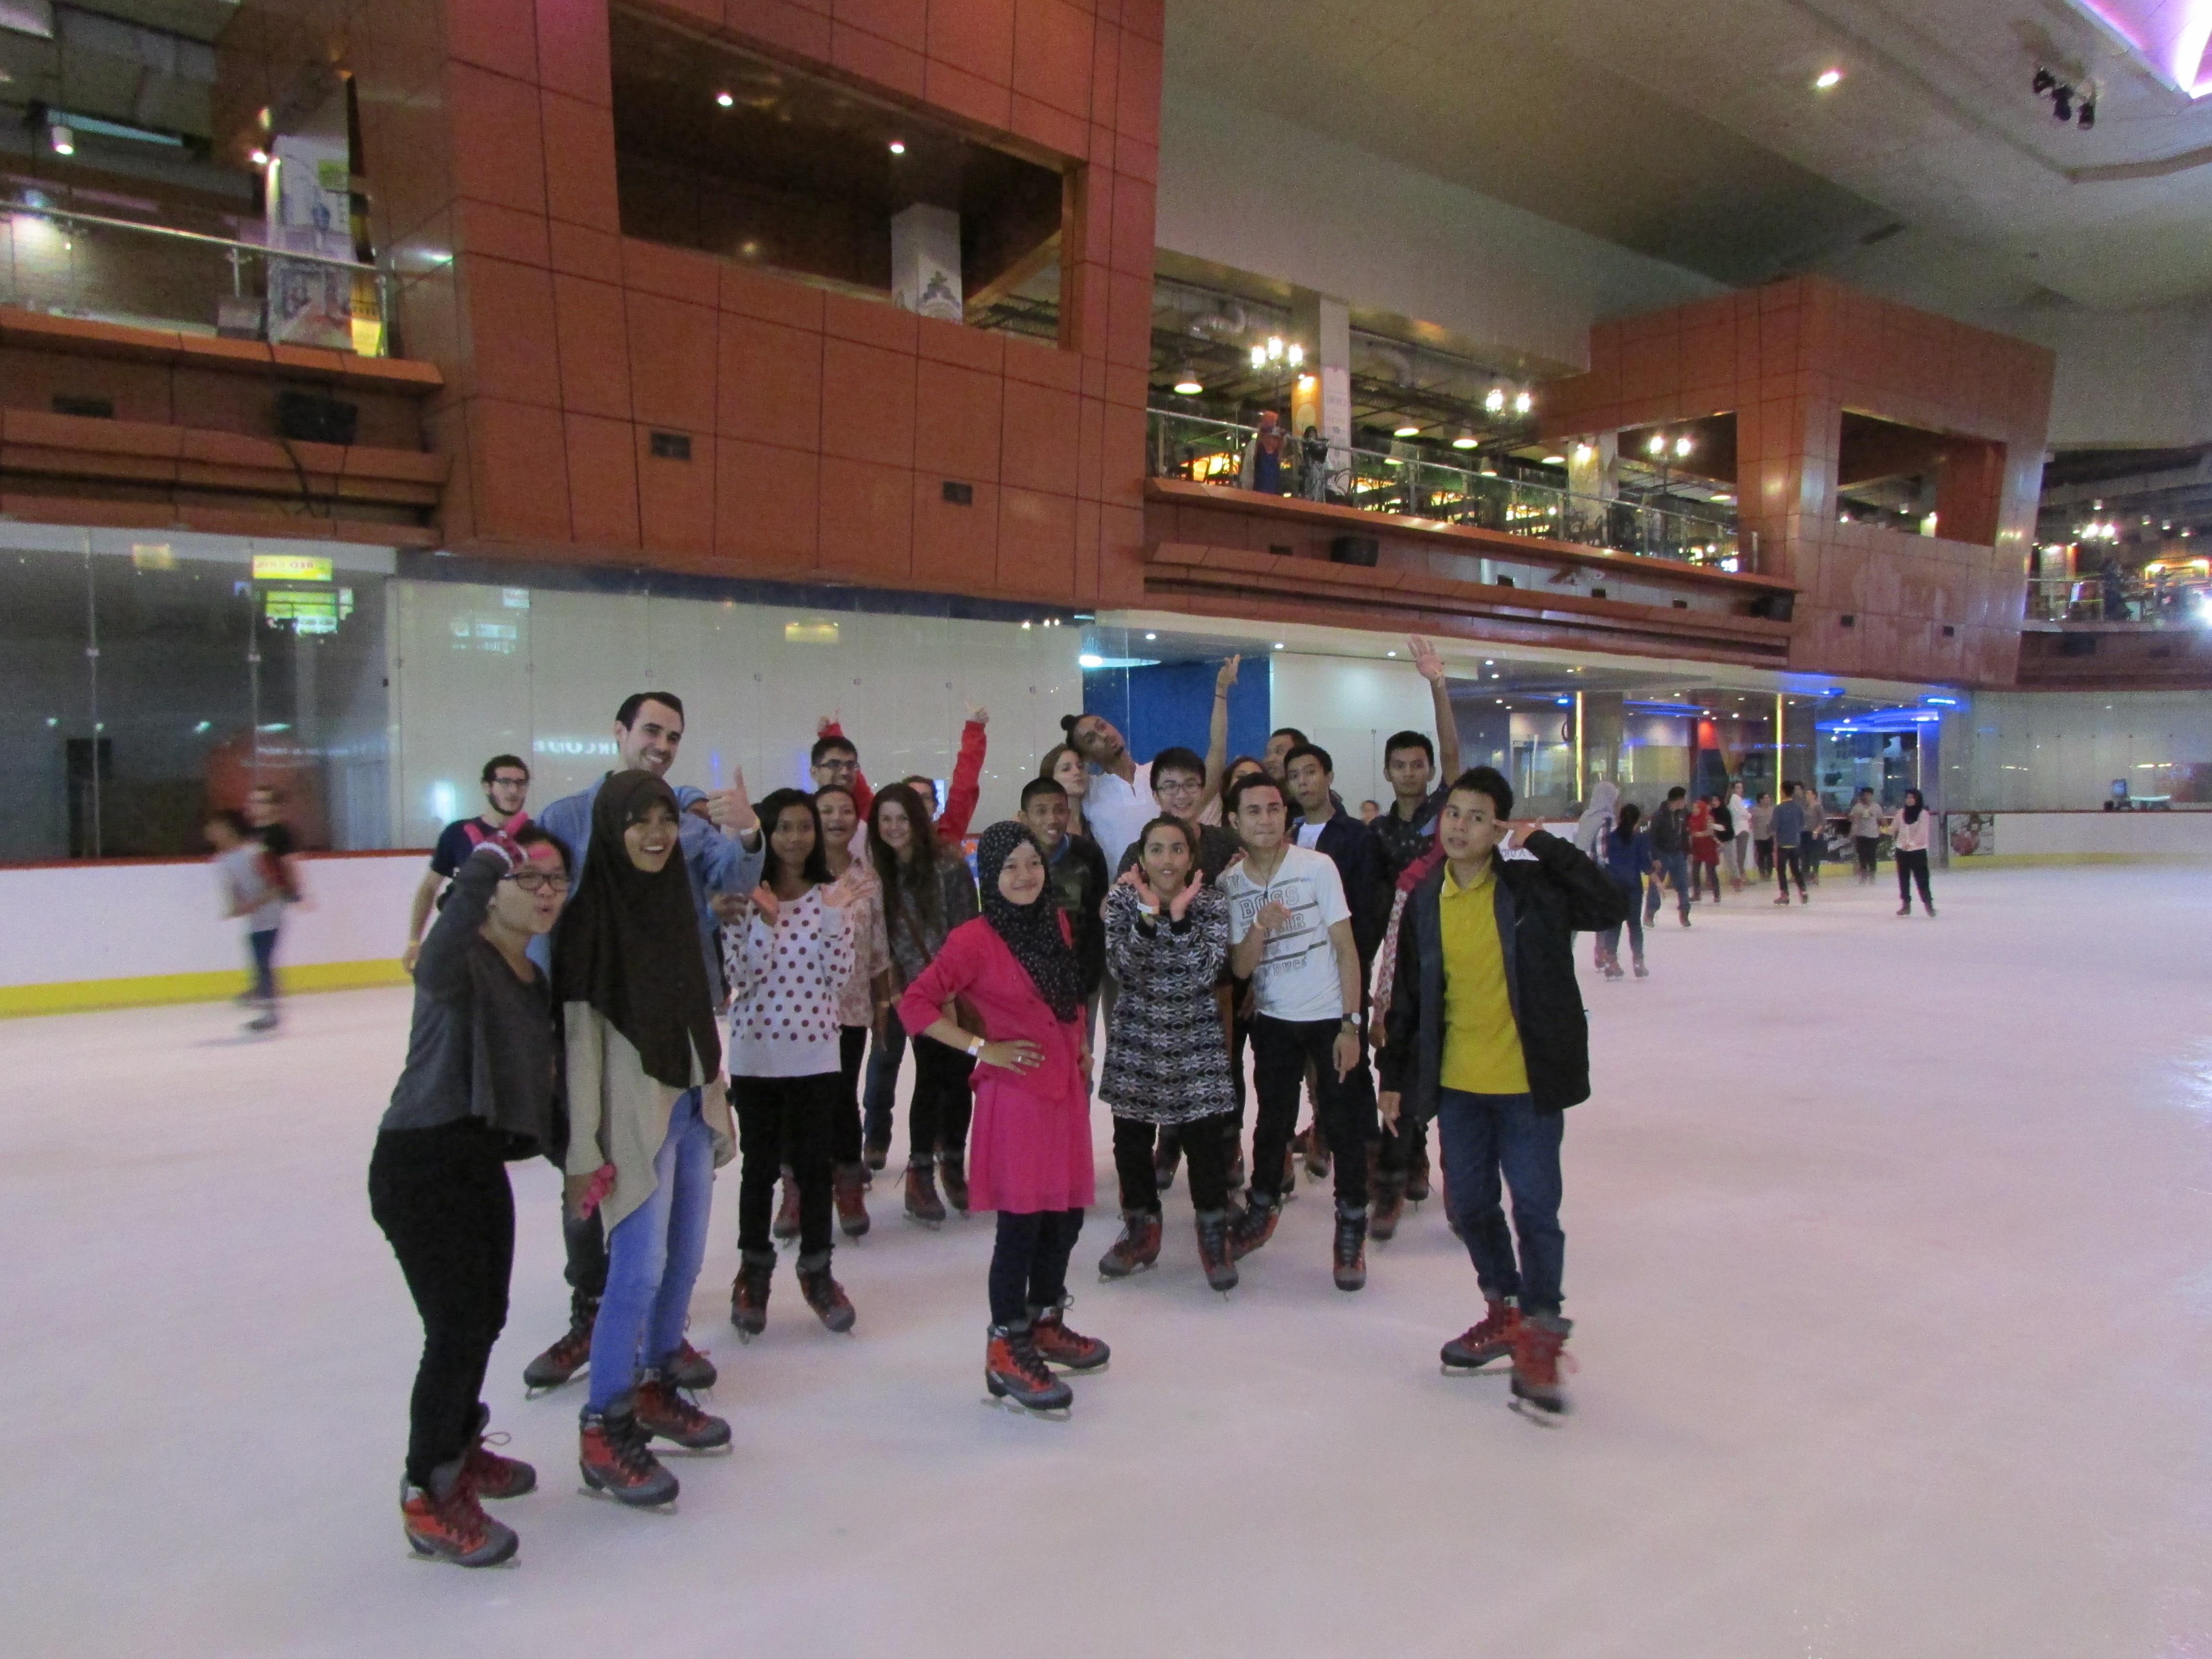 Roller skating rink jakarta -